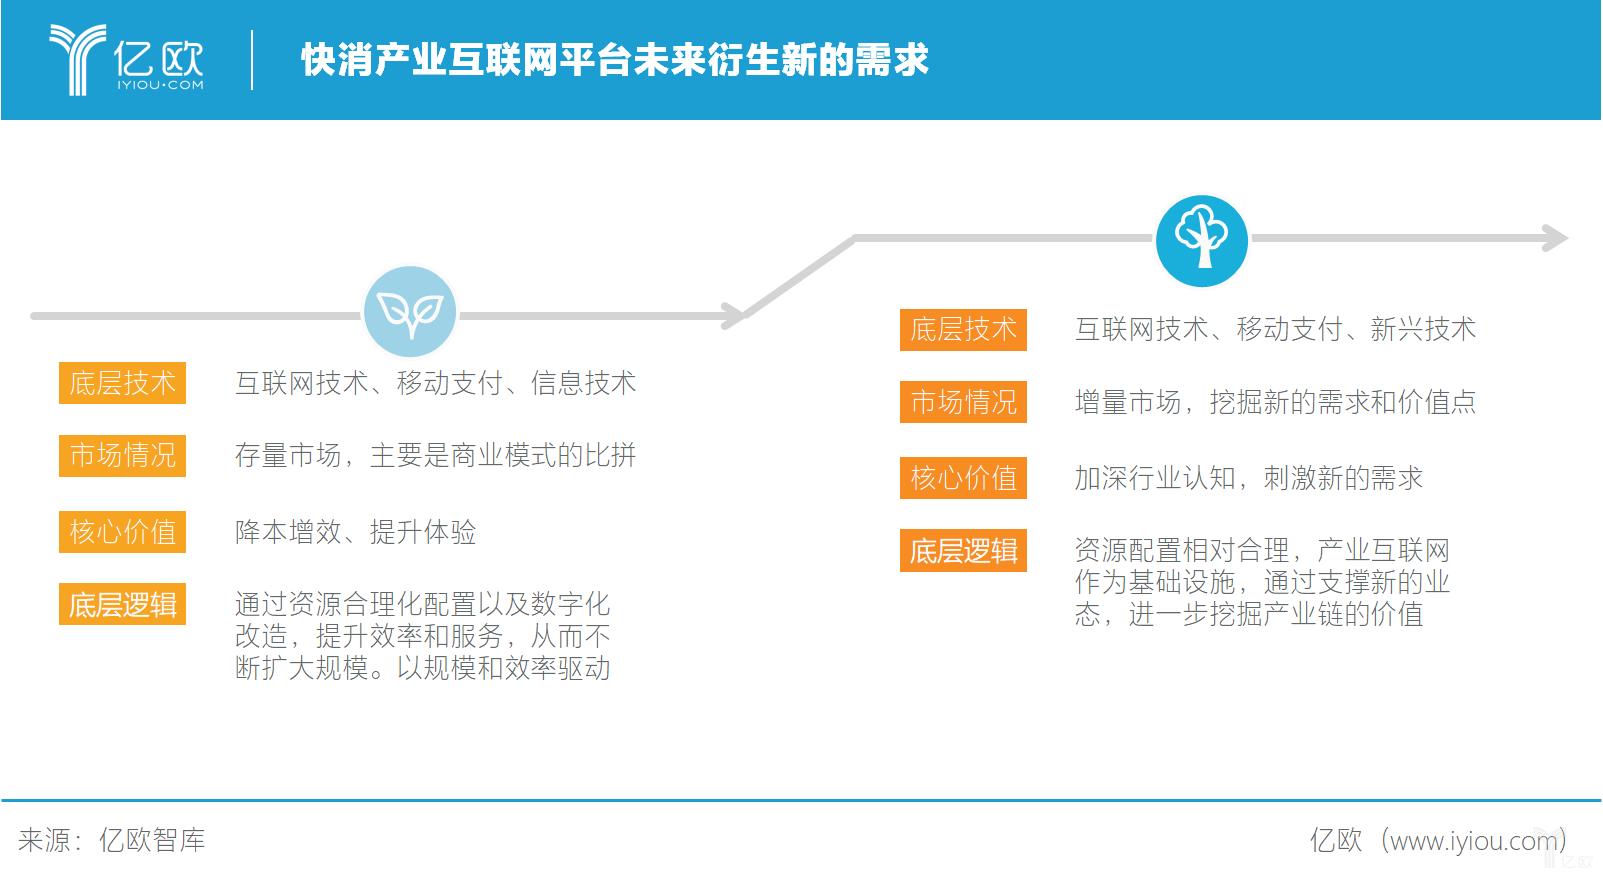 亿欧智库:快消产业互联网未来会衍生新的需求.png